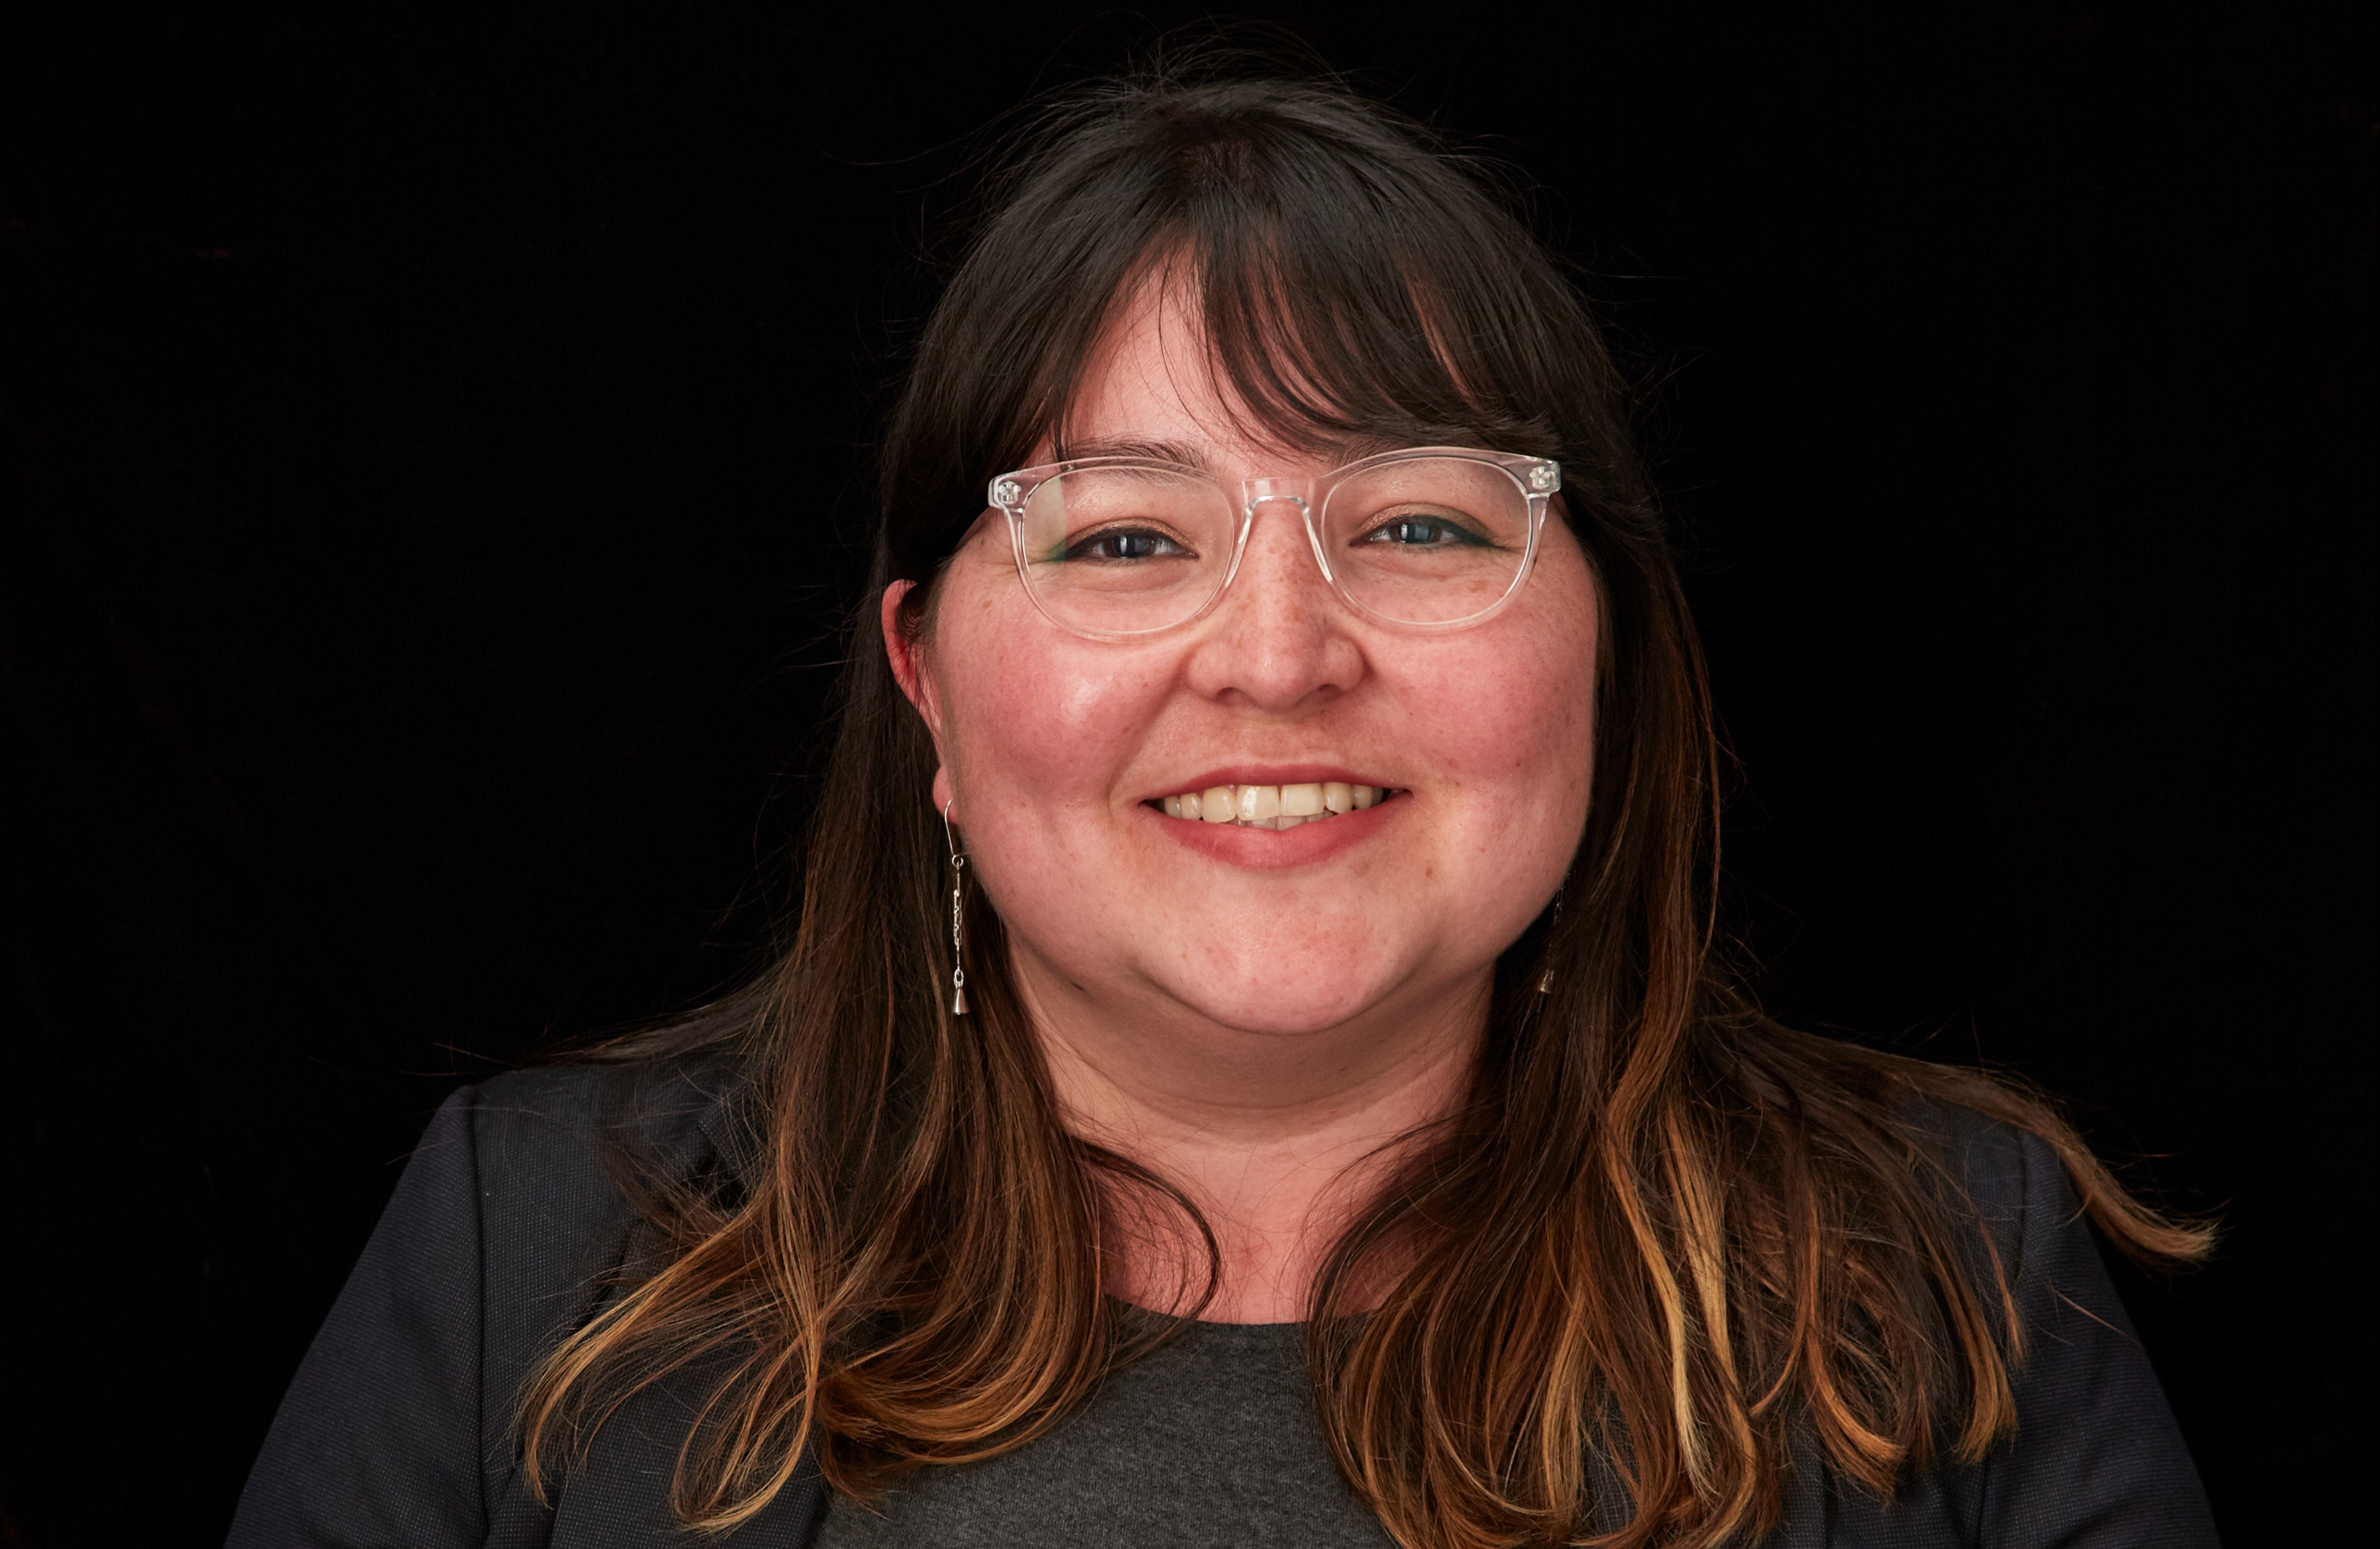 Karen Pizarro